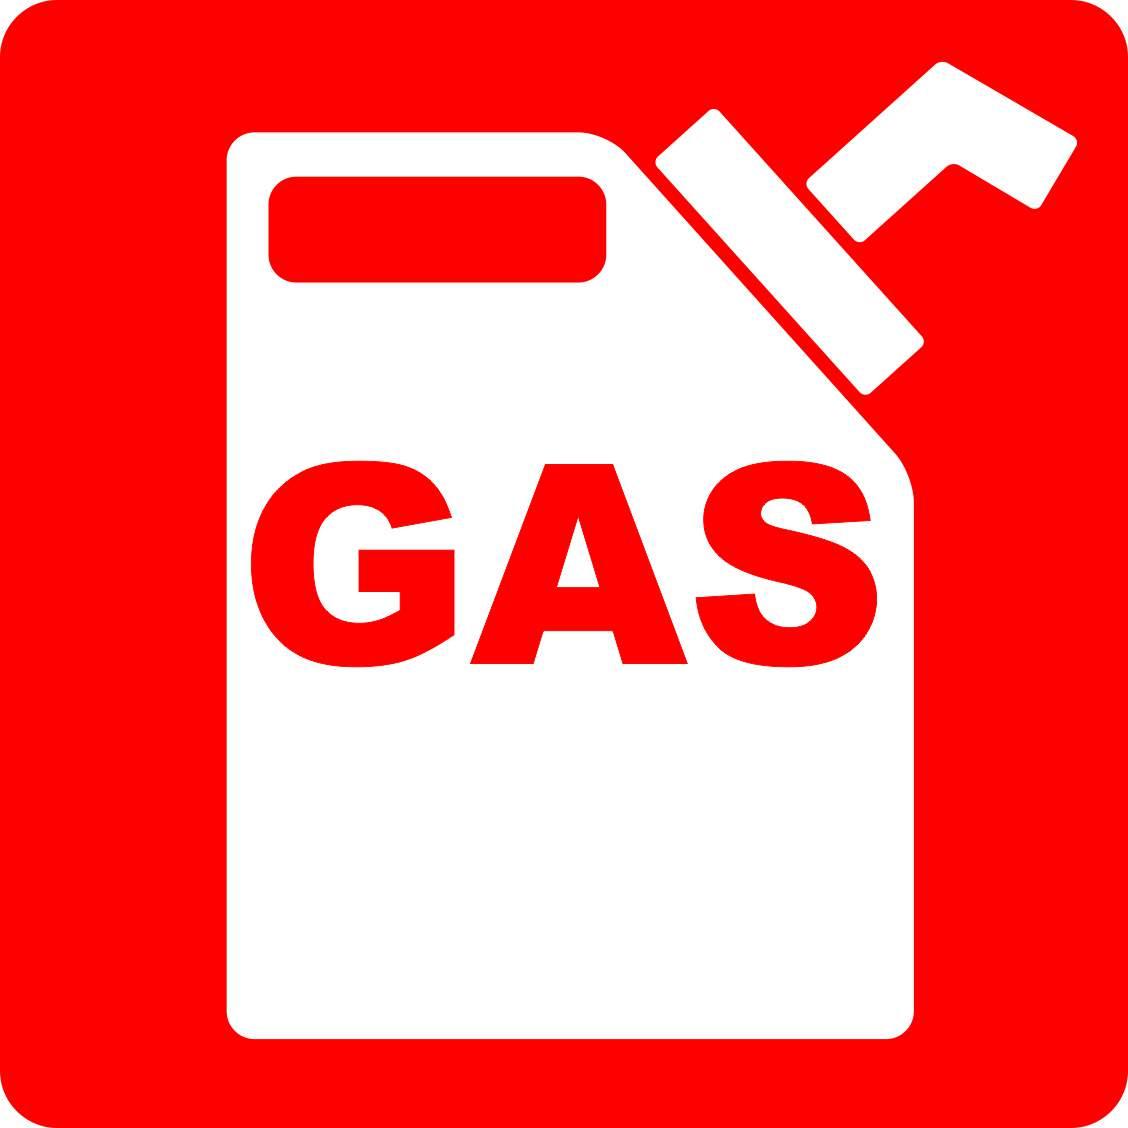 5in X 5in Gas Magnet Vinyl Truck Door Signs Fuel Safety